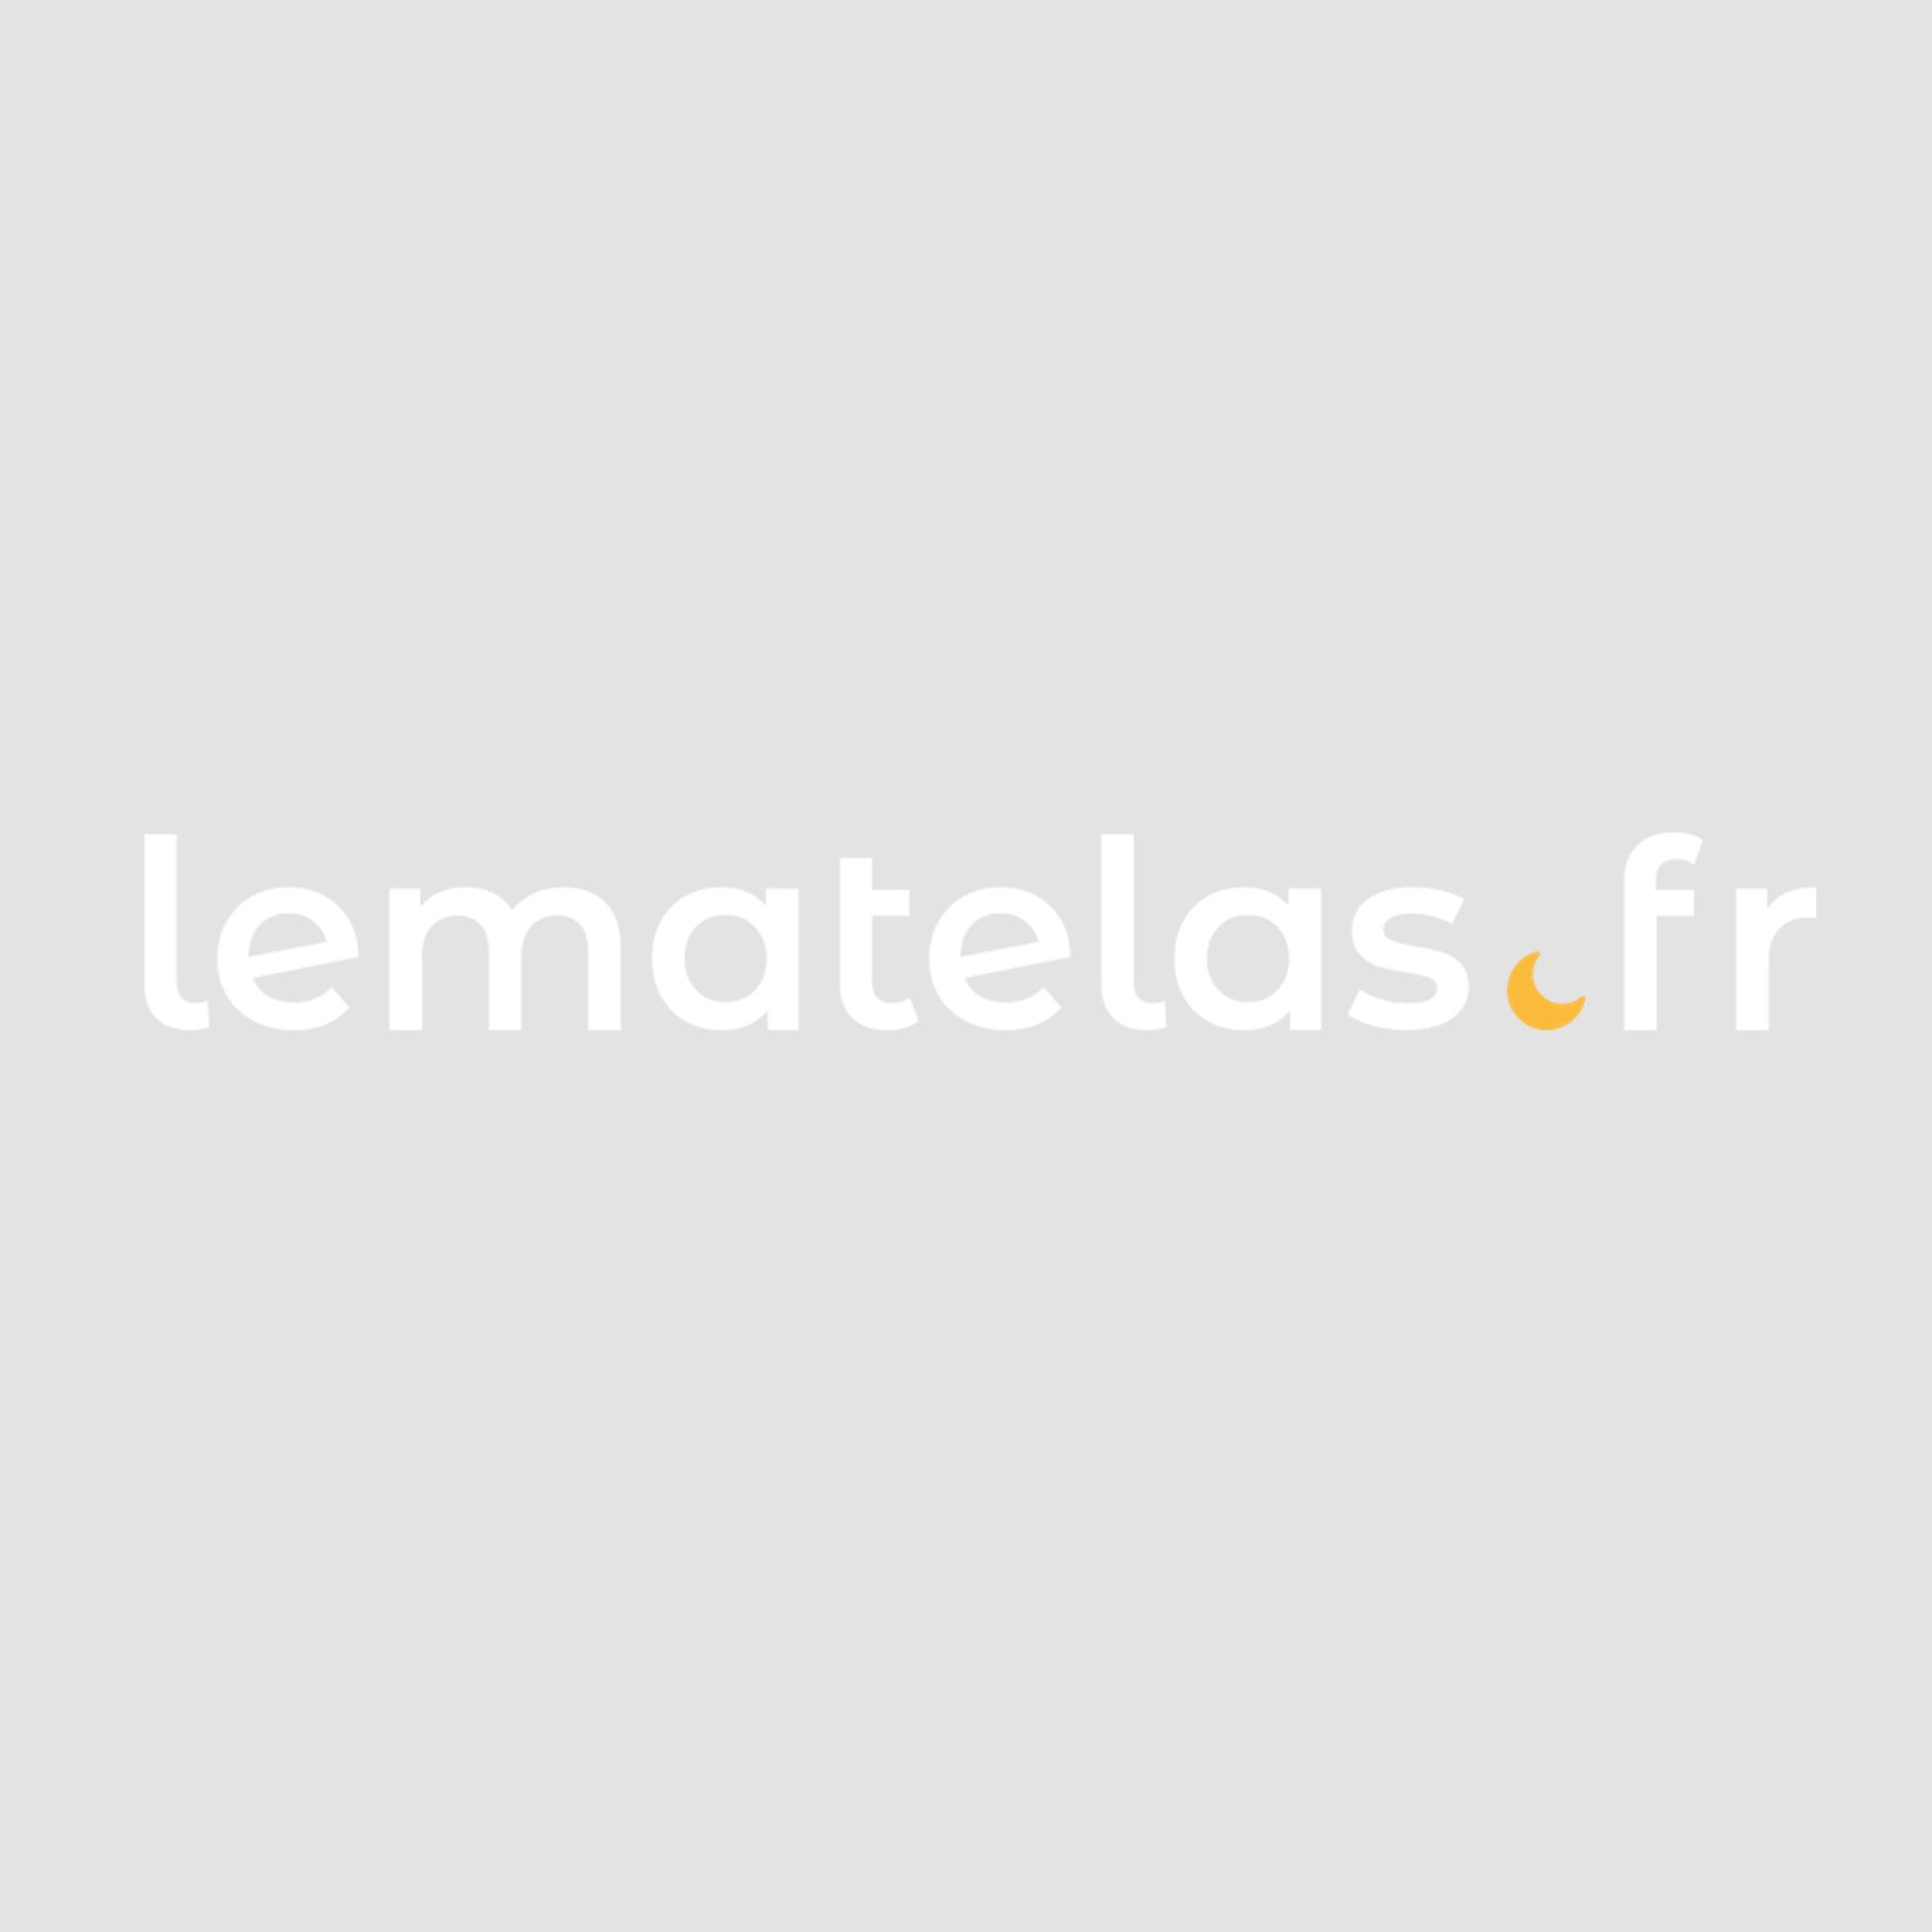 Chambre complète en bois imitation chêne clair - CB5046-2